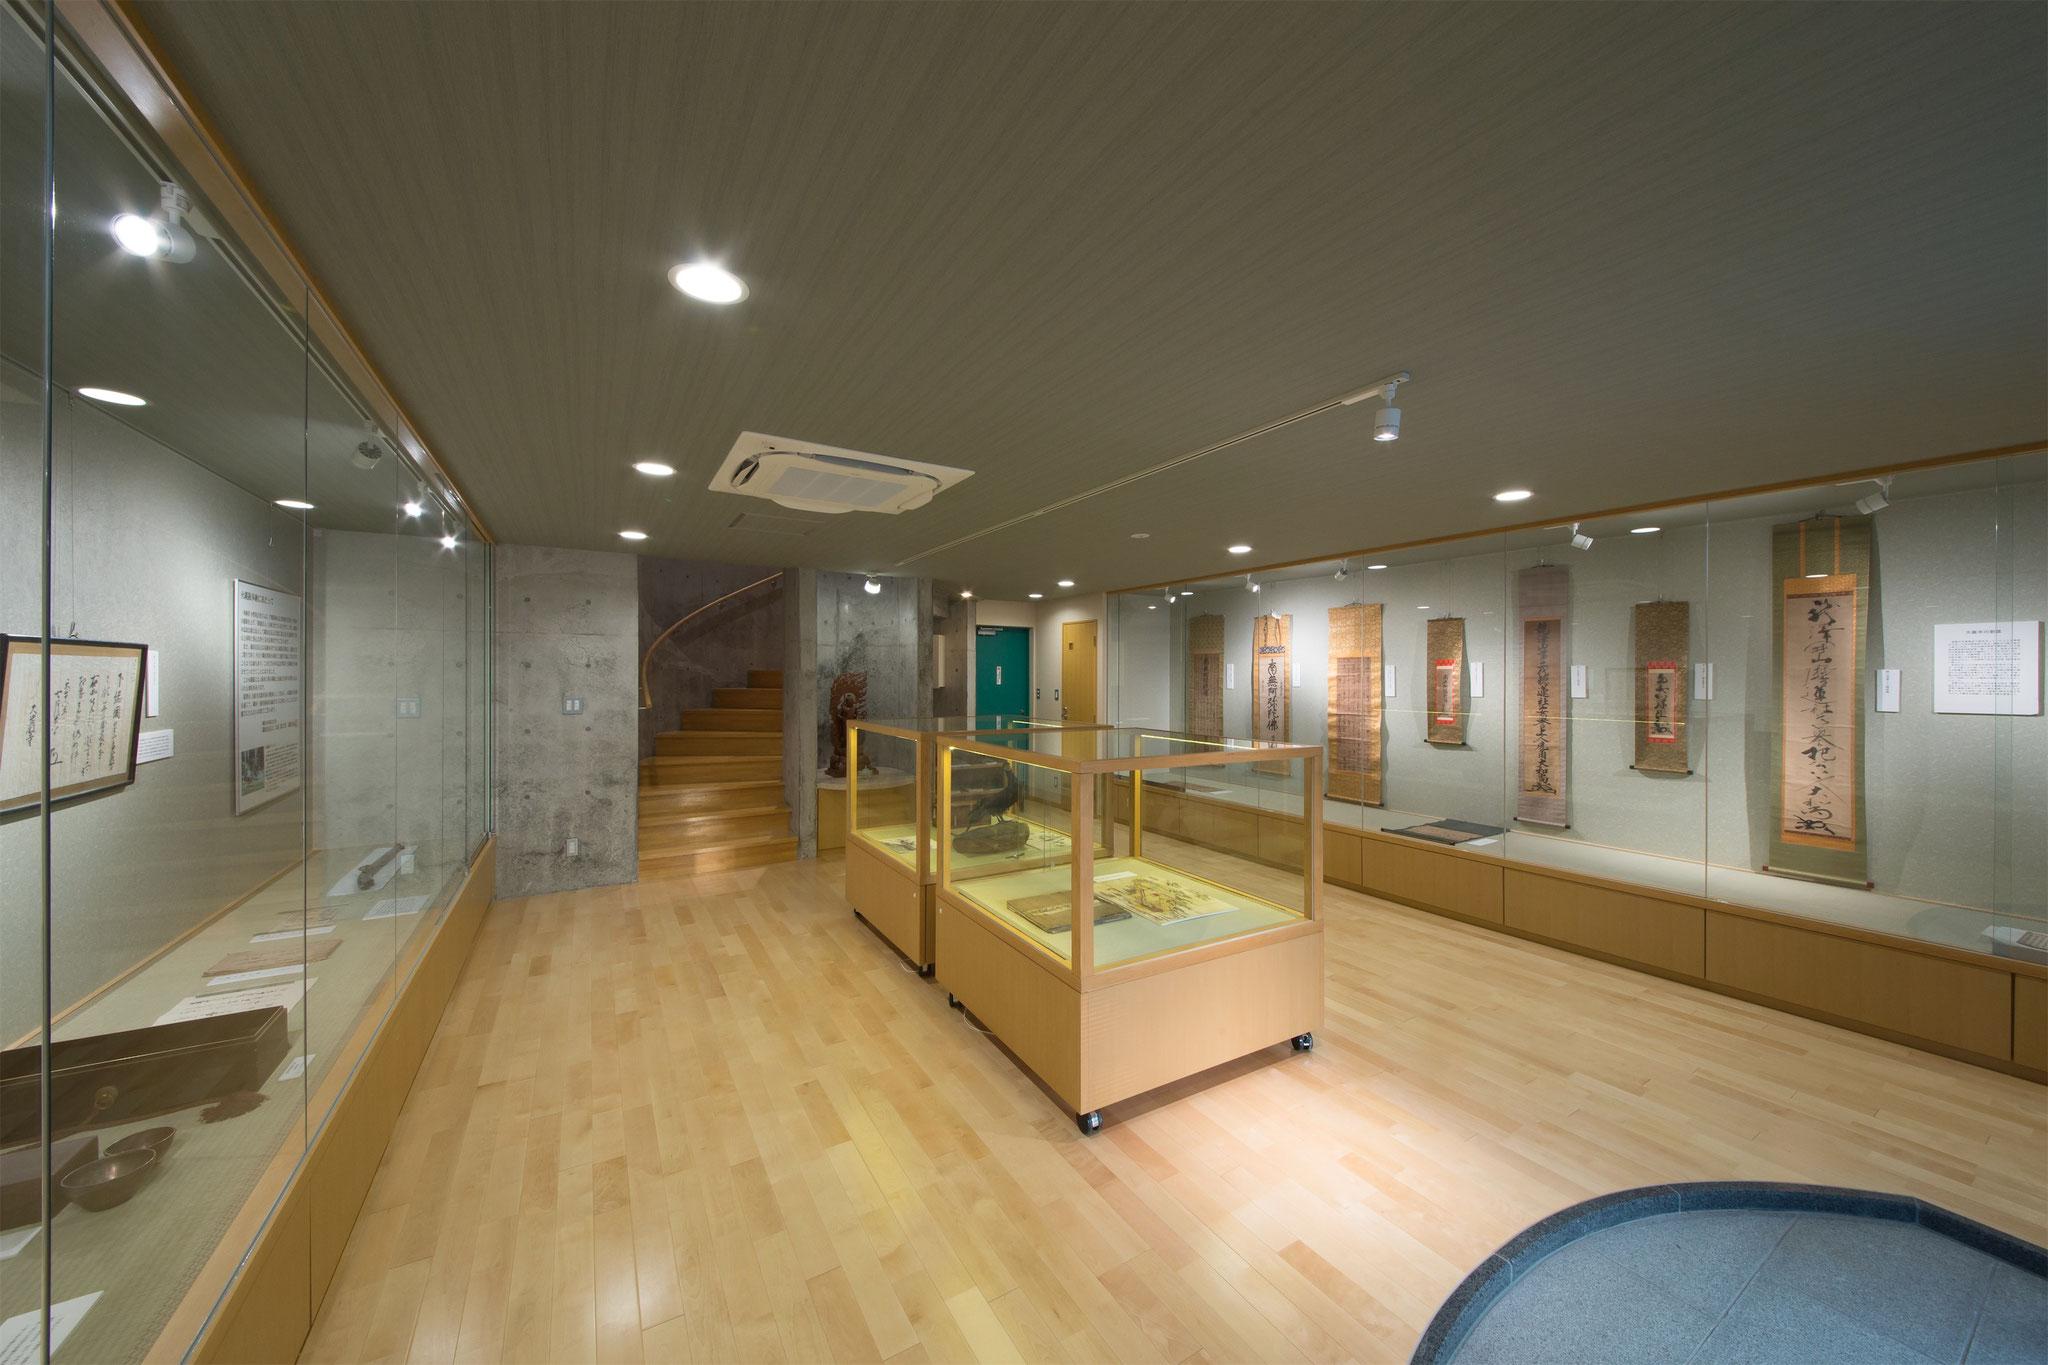 1階収蔵室 Photo by BDM